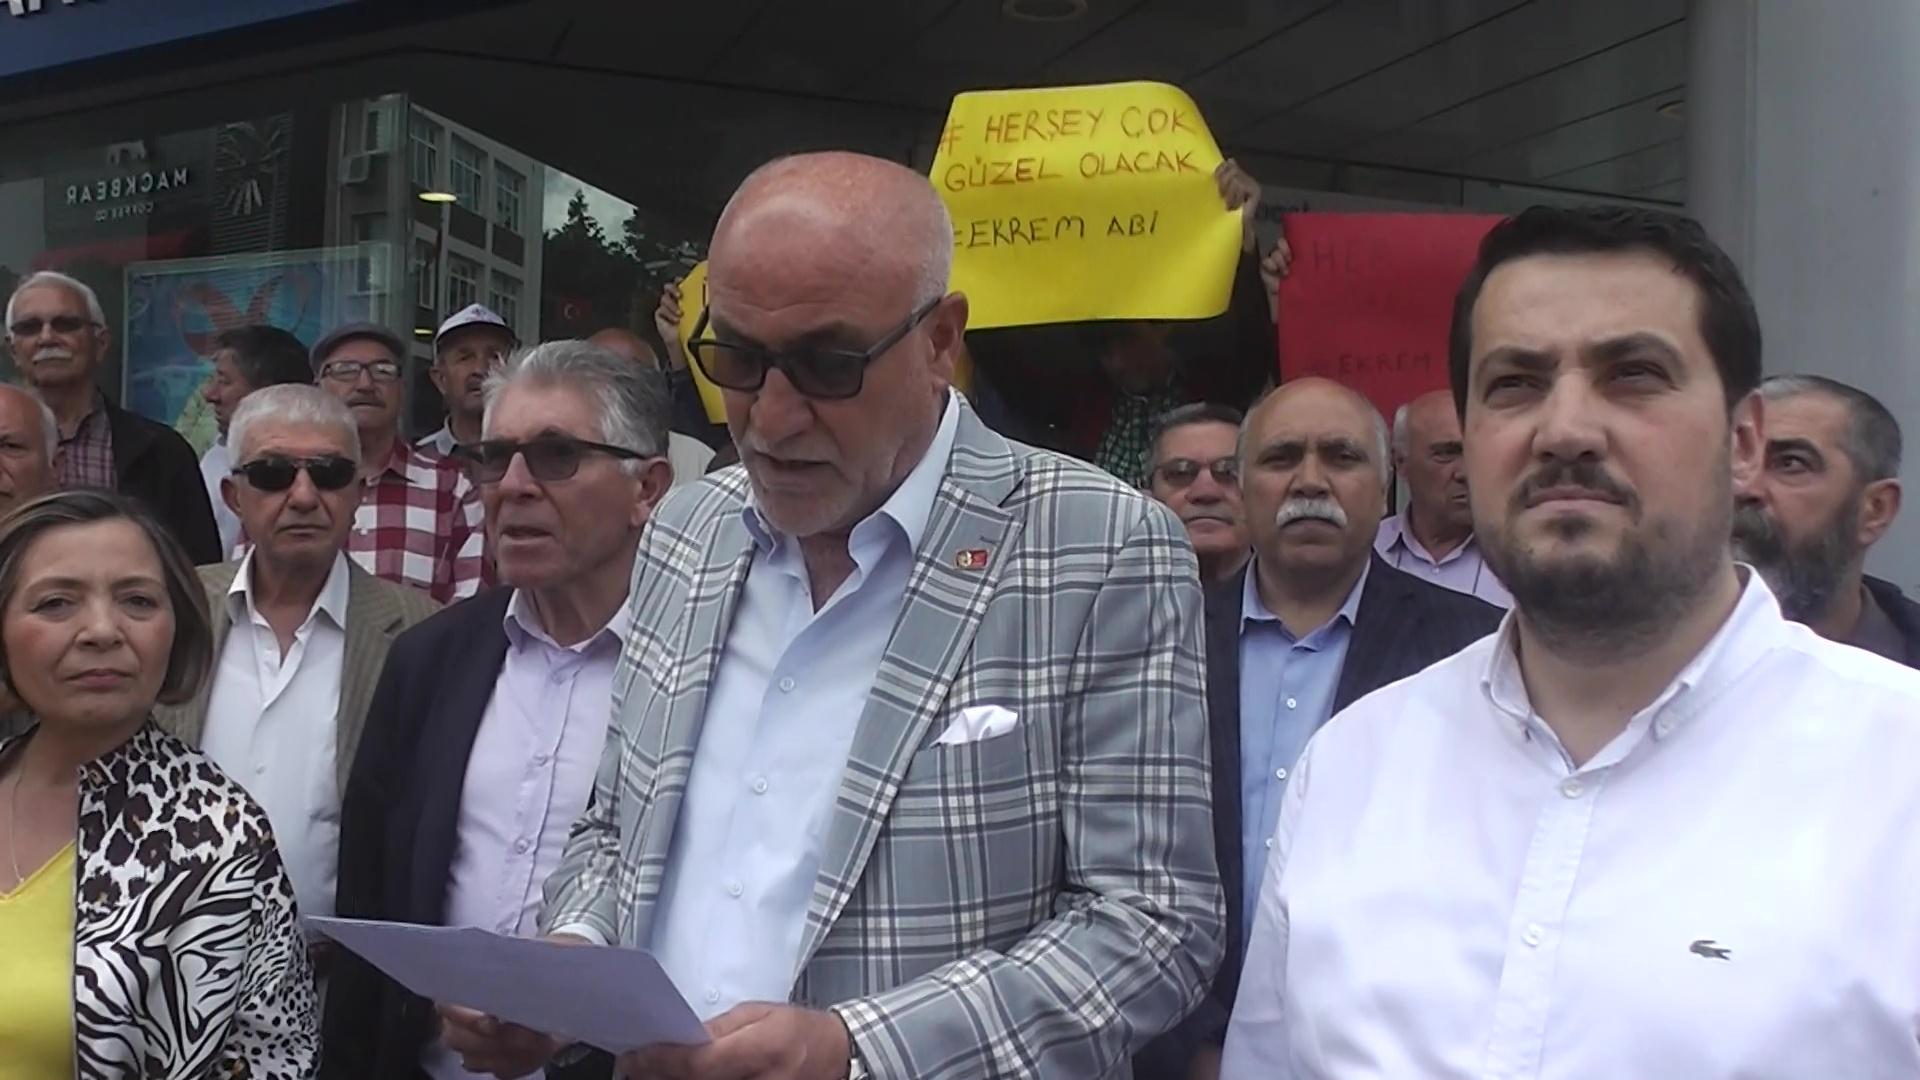 CHP Uşak İl Teşkilatından Ekrem İMAMOĞLU'nun Seçim Kampanyasına Destek